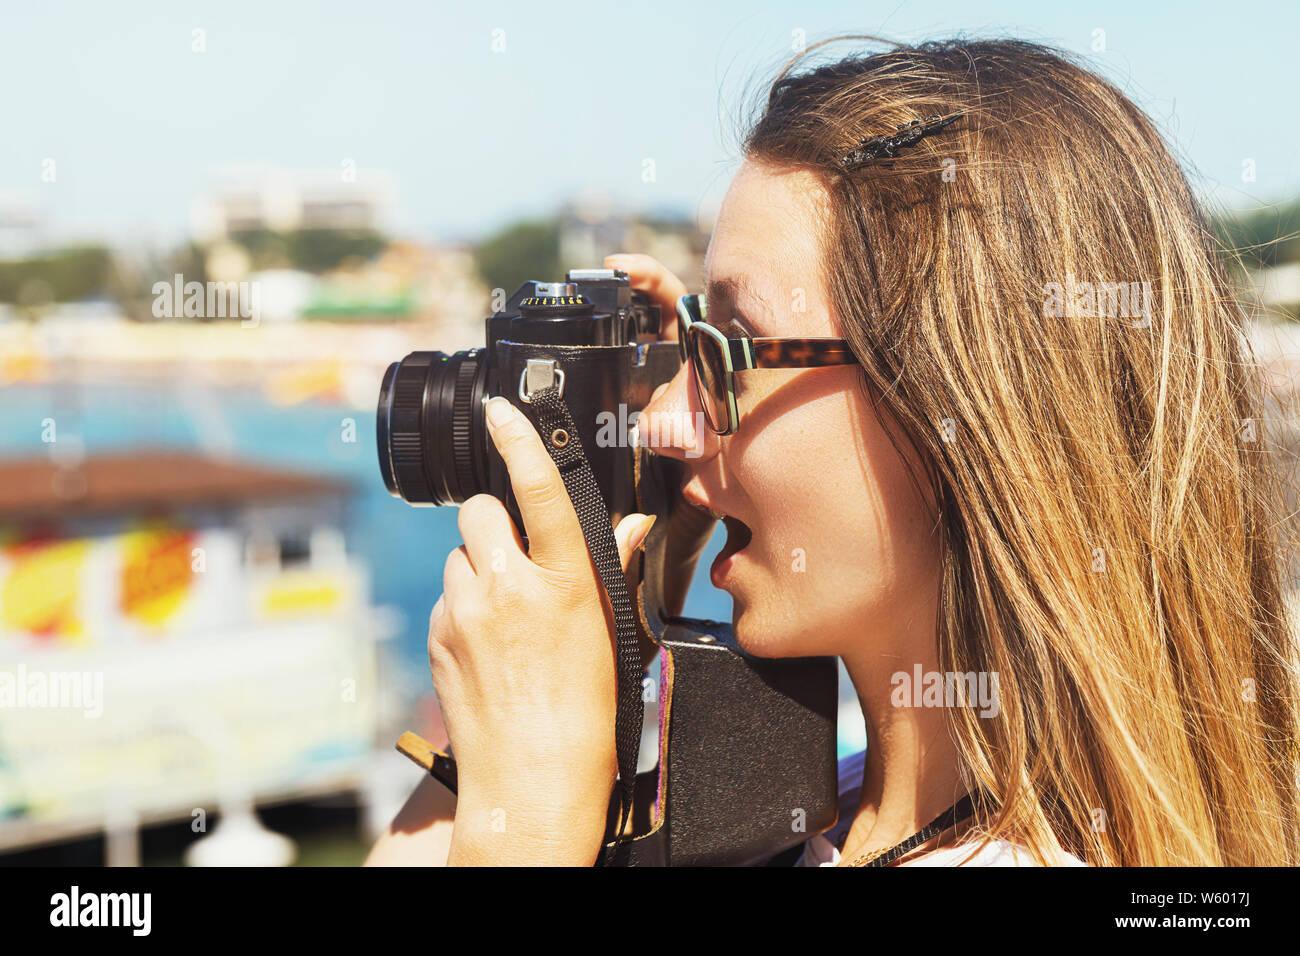 Sorprendido chica toma fotografías de paisajes, paseando a lo largo del terraplén junto al mar, cerca de la Foto de stock